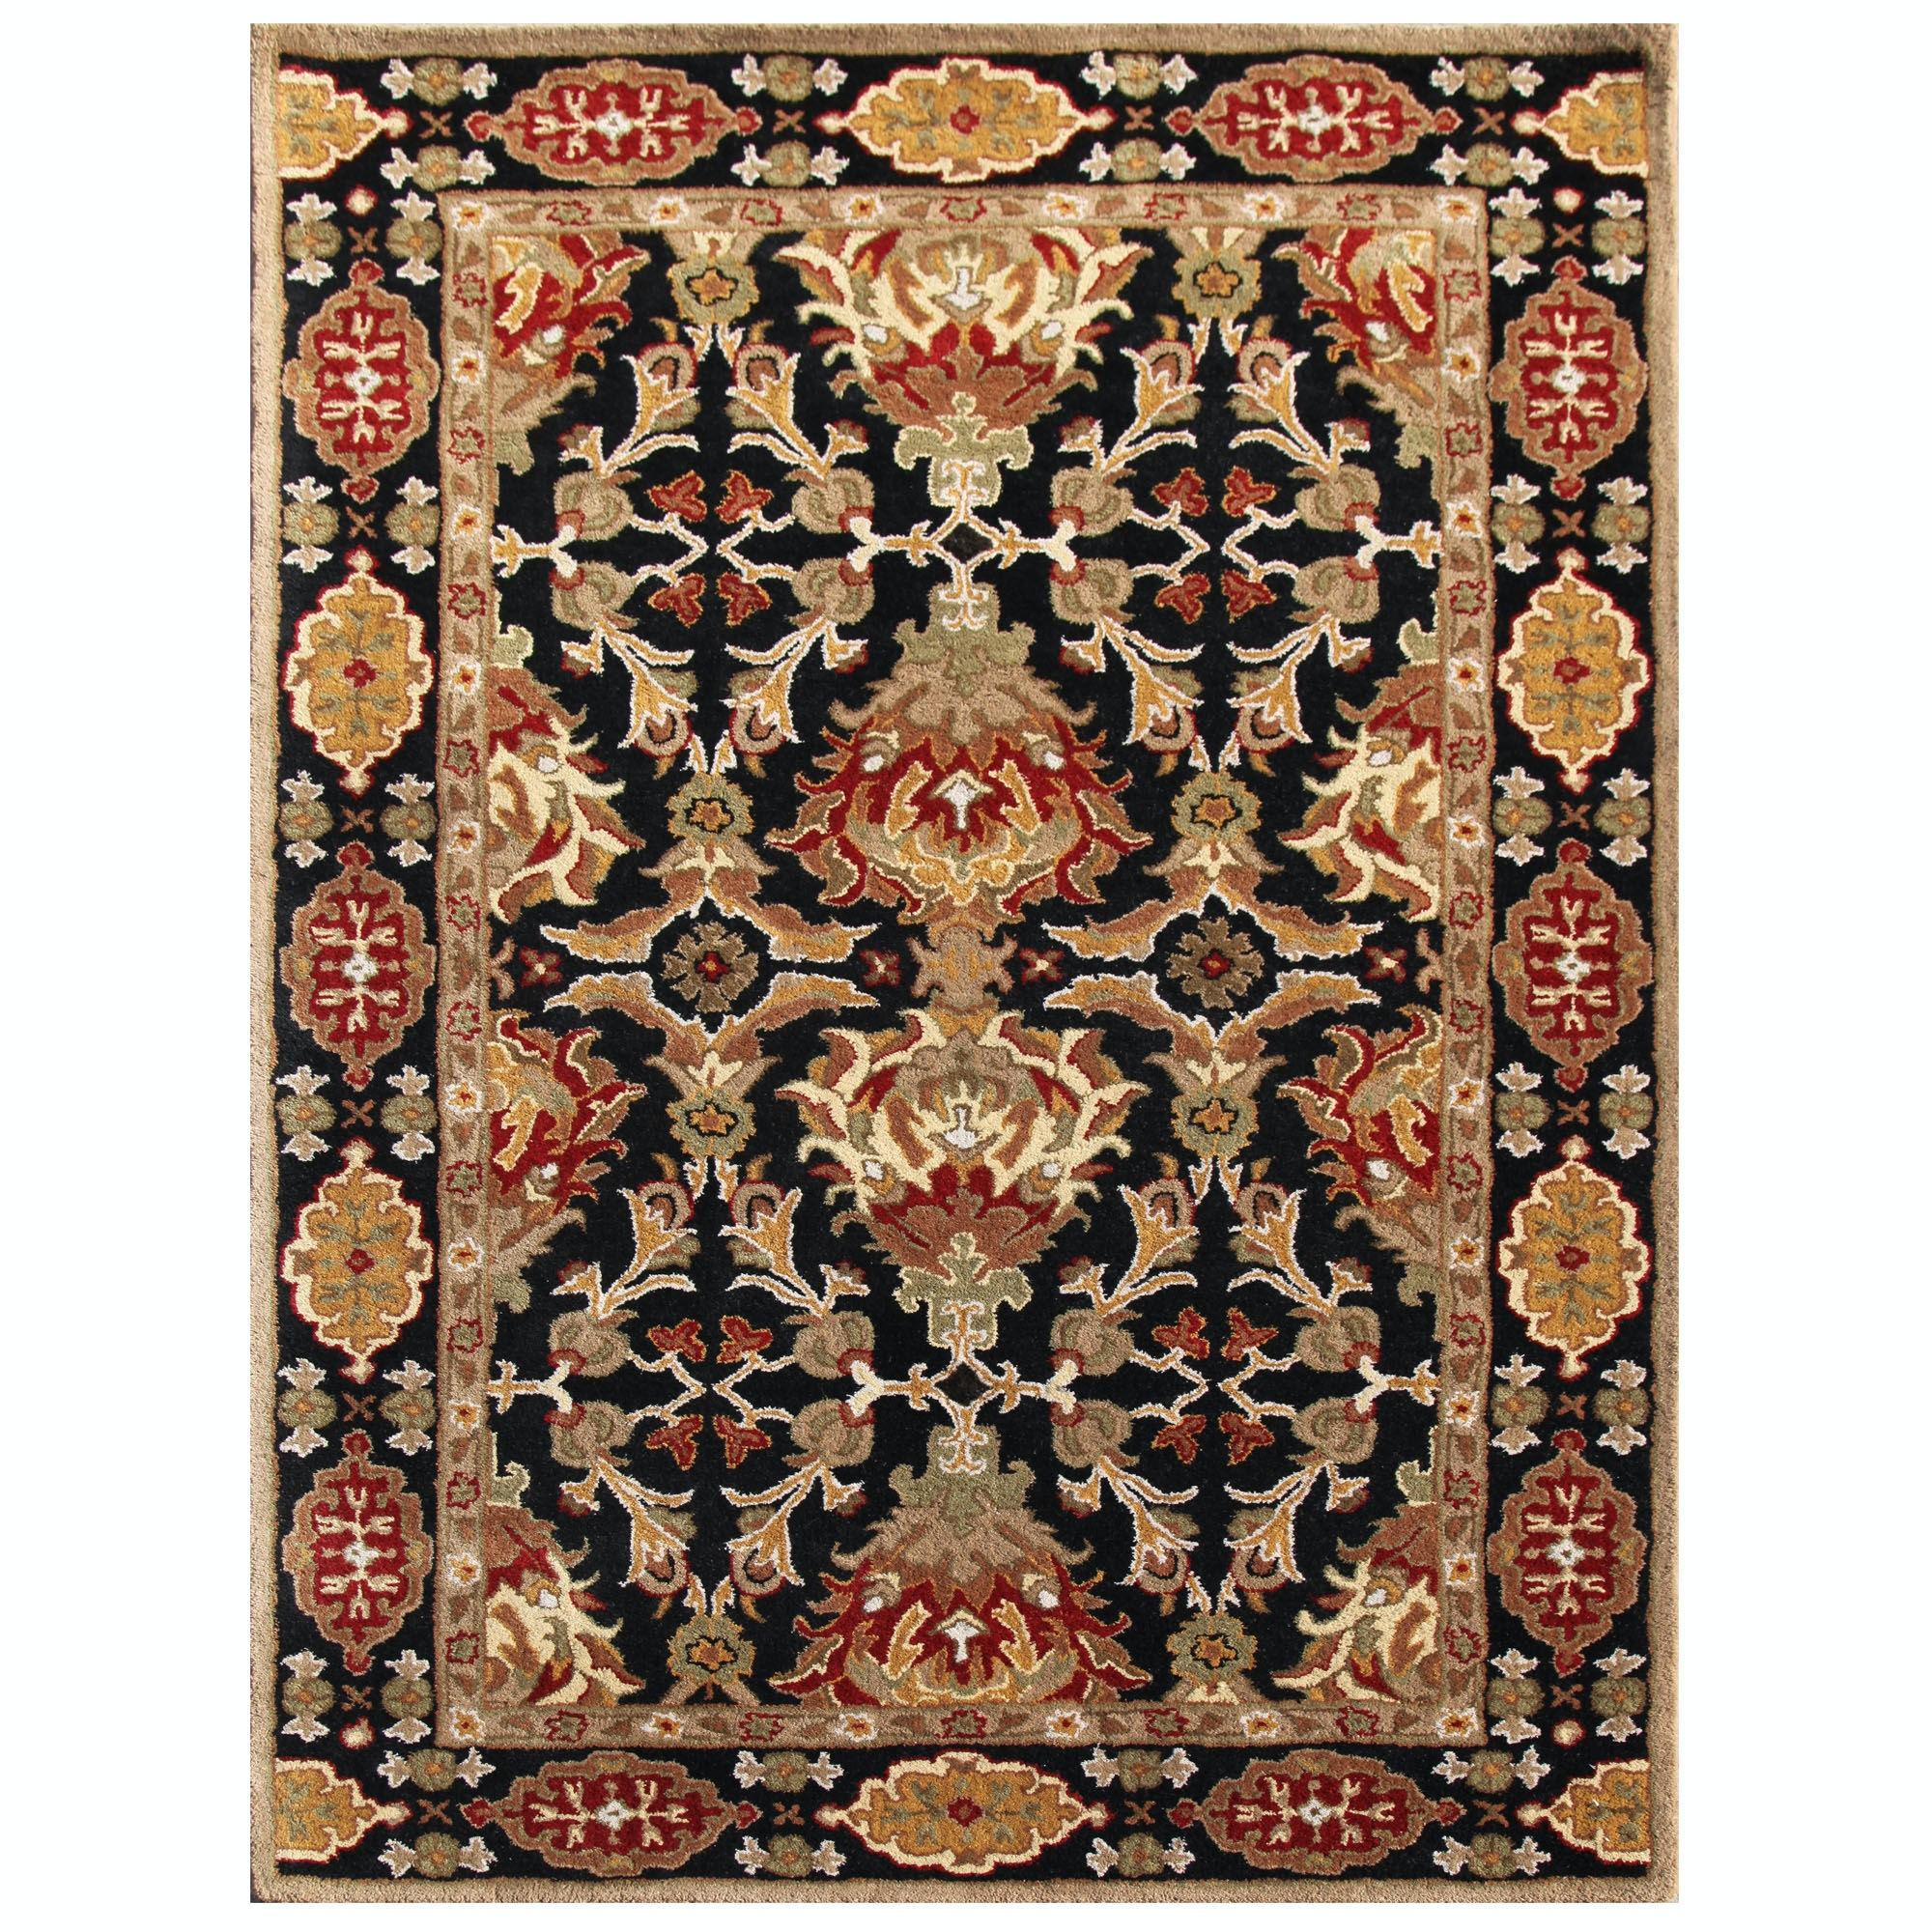 Jaipur Rugs Floor Coverings Hand Tufted Durable Wool Black Red Area